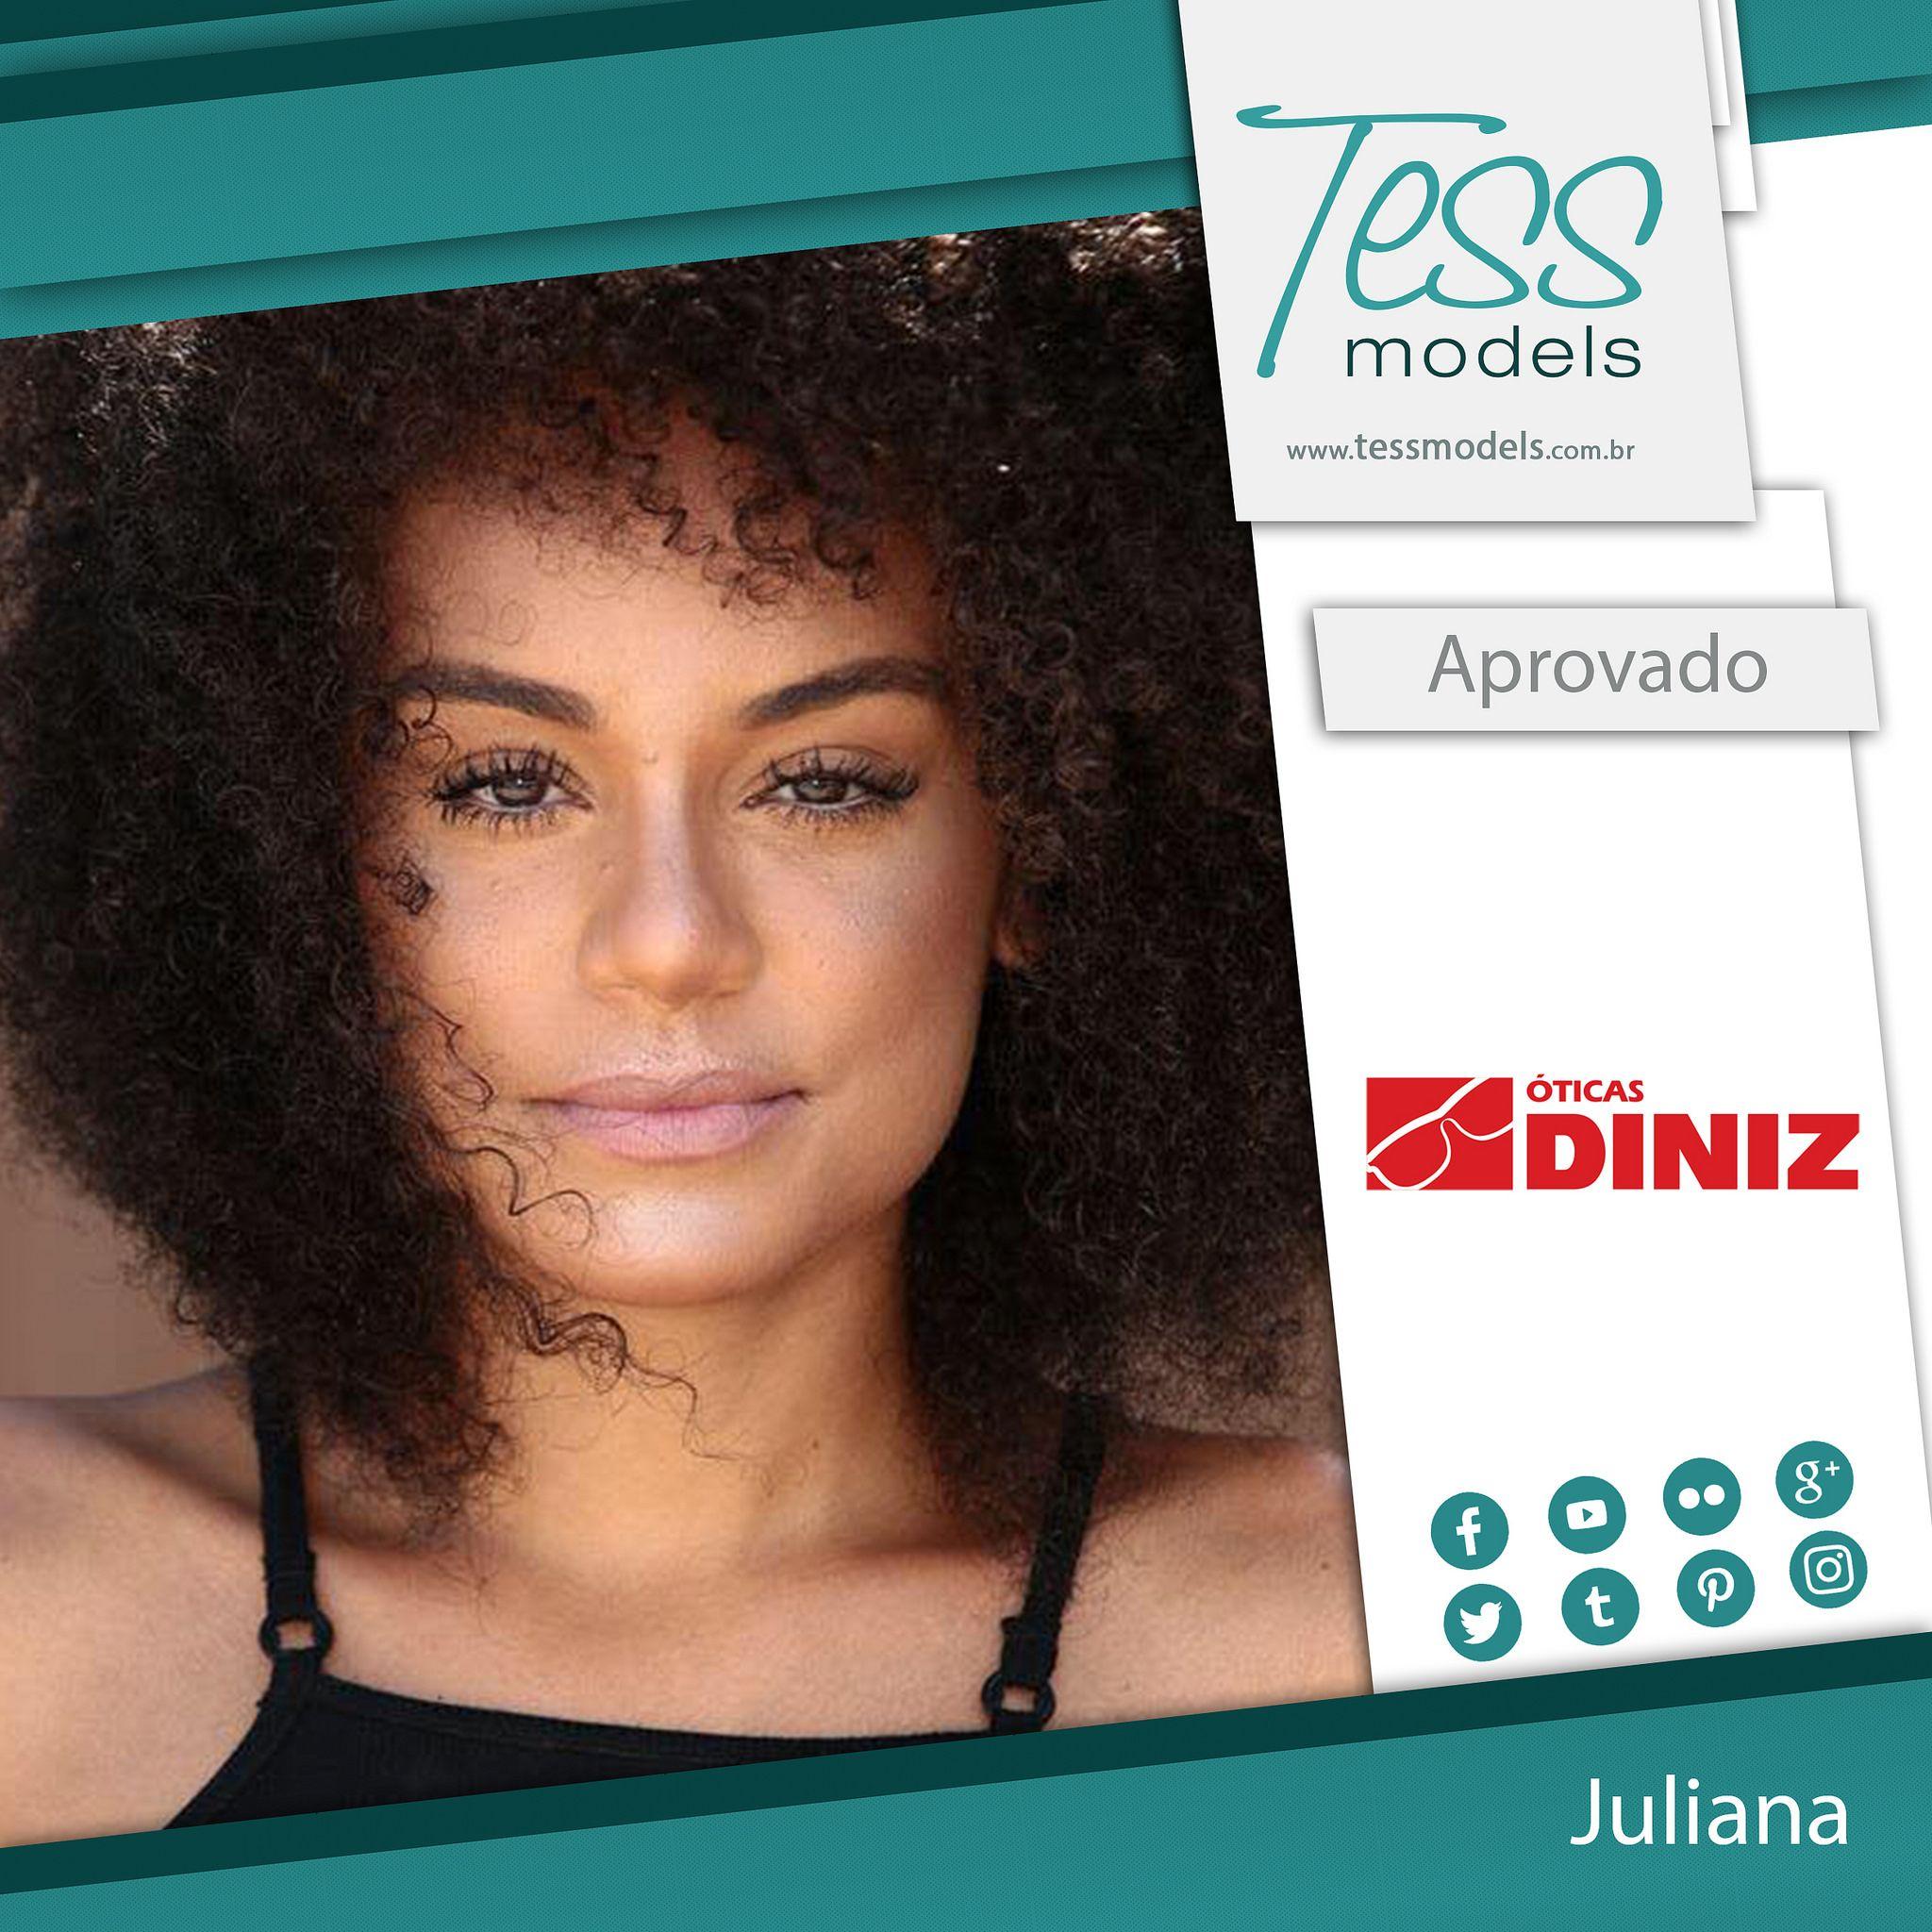 d455e1a9446c8 Julianna - Oticas Diniz - Tess Models Kids